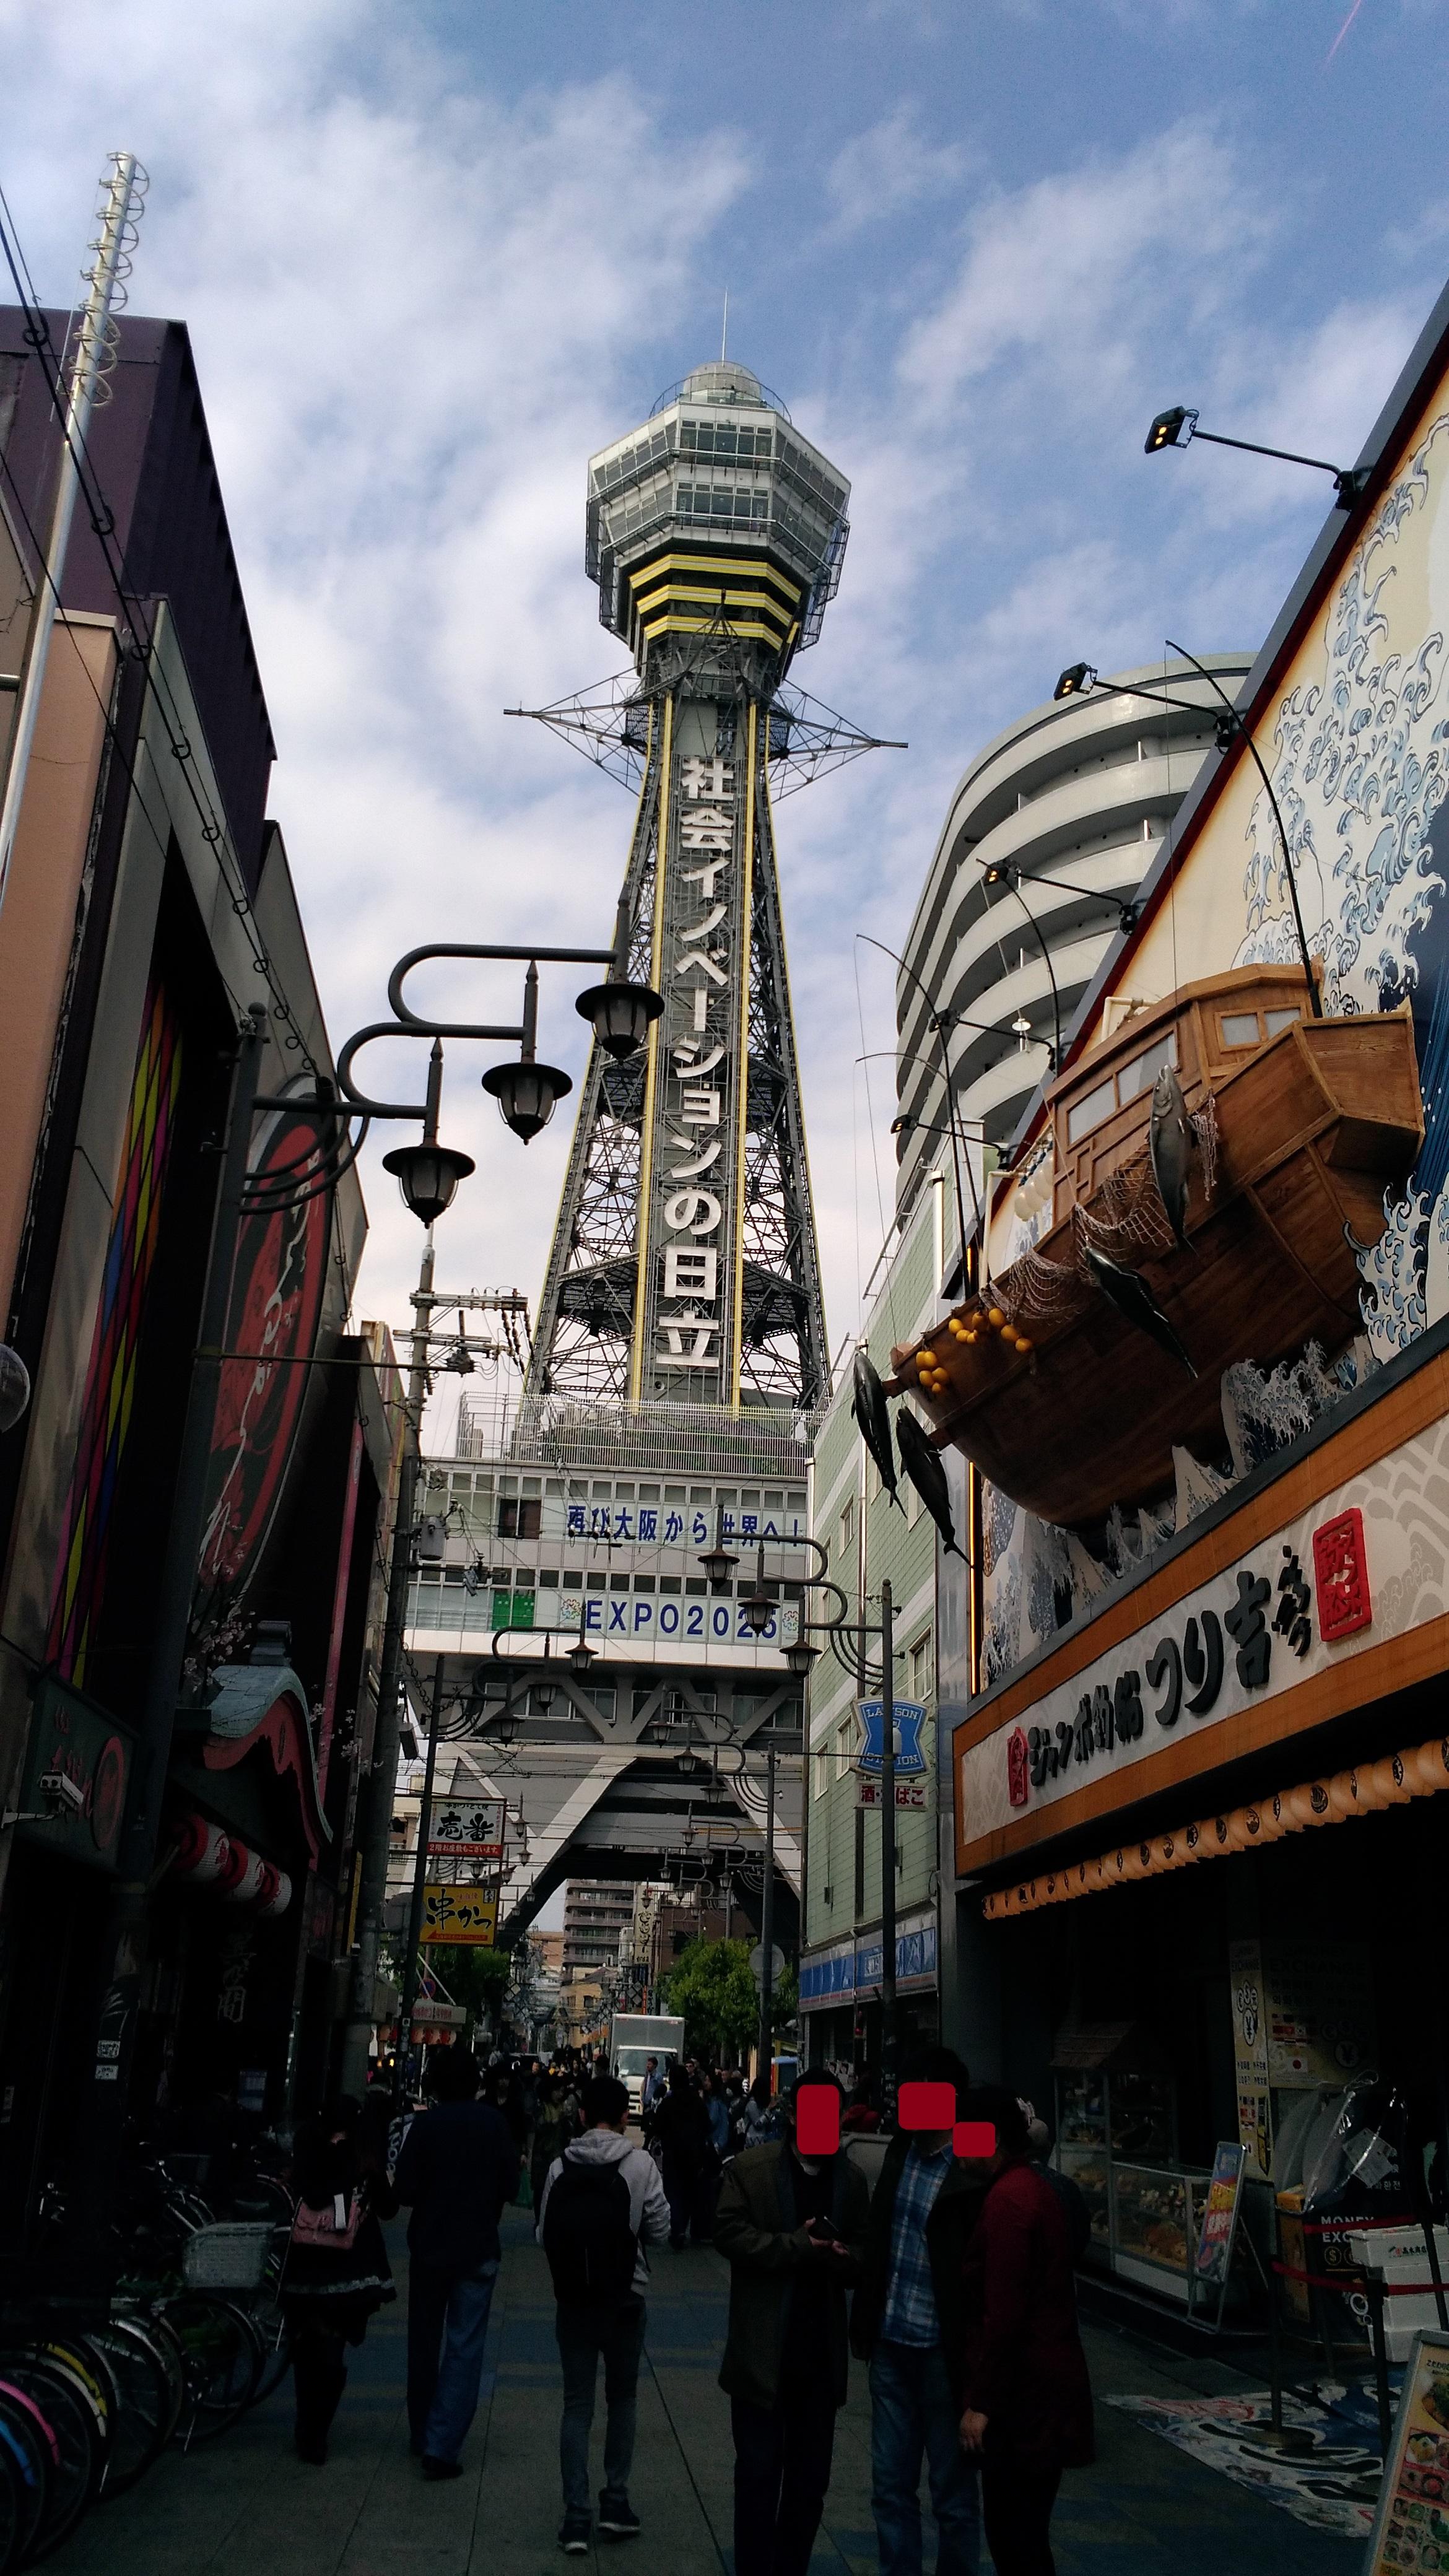 コテコテの大阪を堪能するなら!【新世界、通天閣】が良いですよ!!